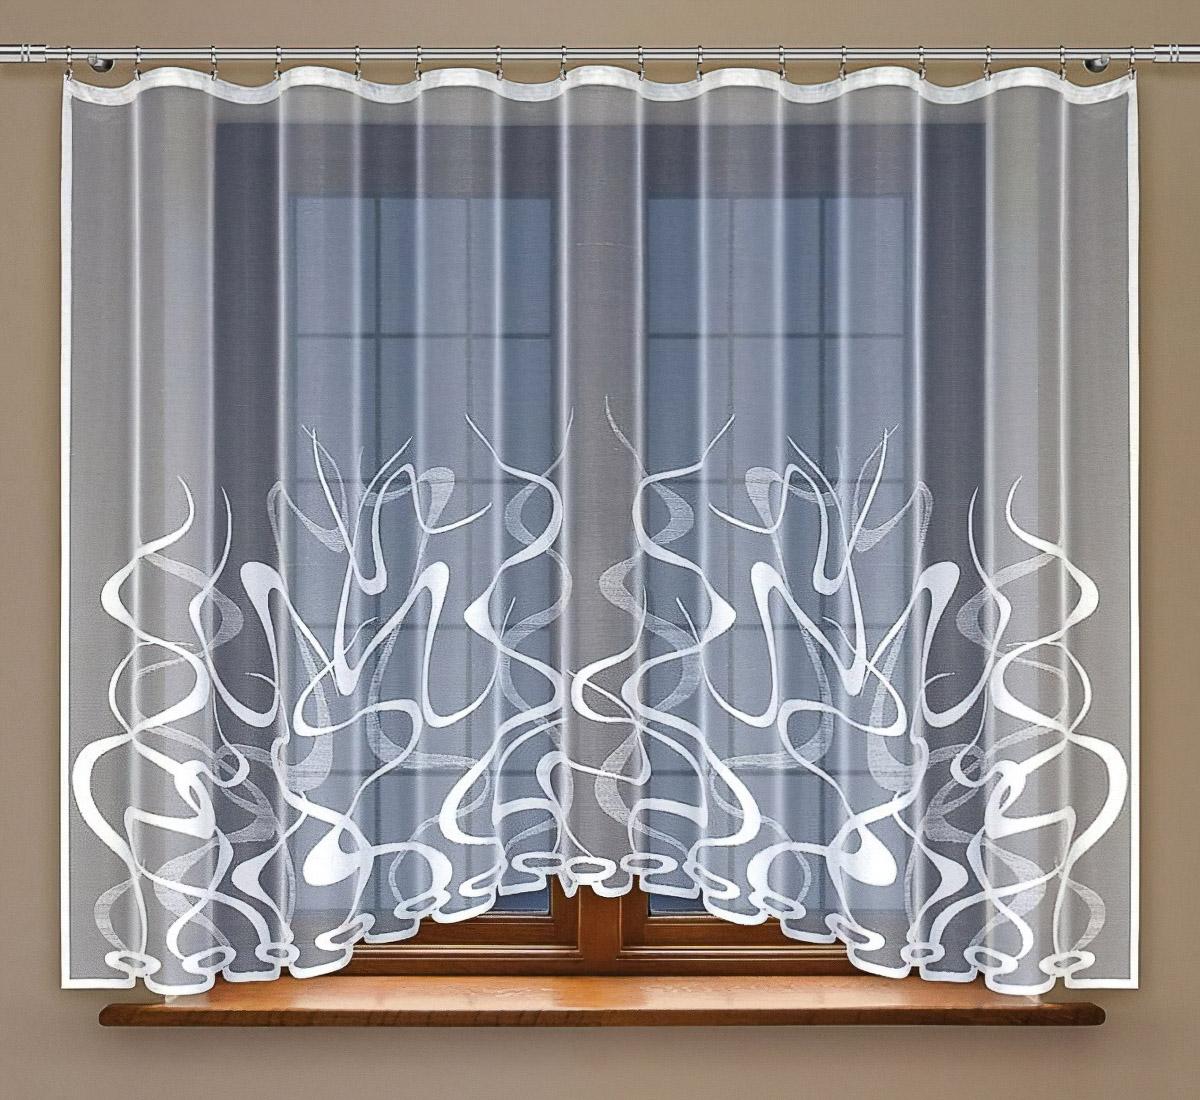 Olzatex kusová záclona LION 2 jednobarevná bílá, výška 160 cm x šířka 300 cm (na okno)